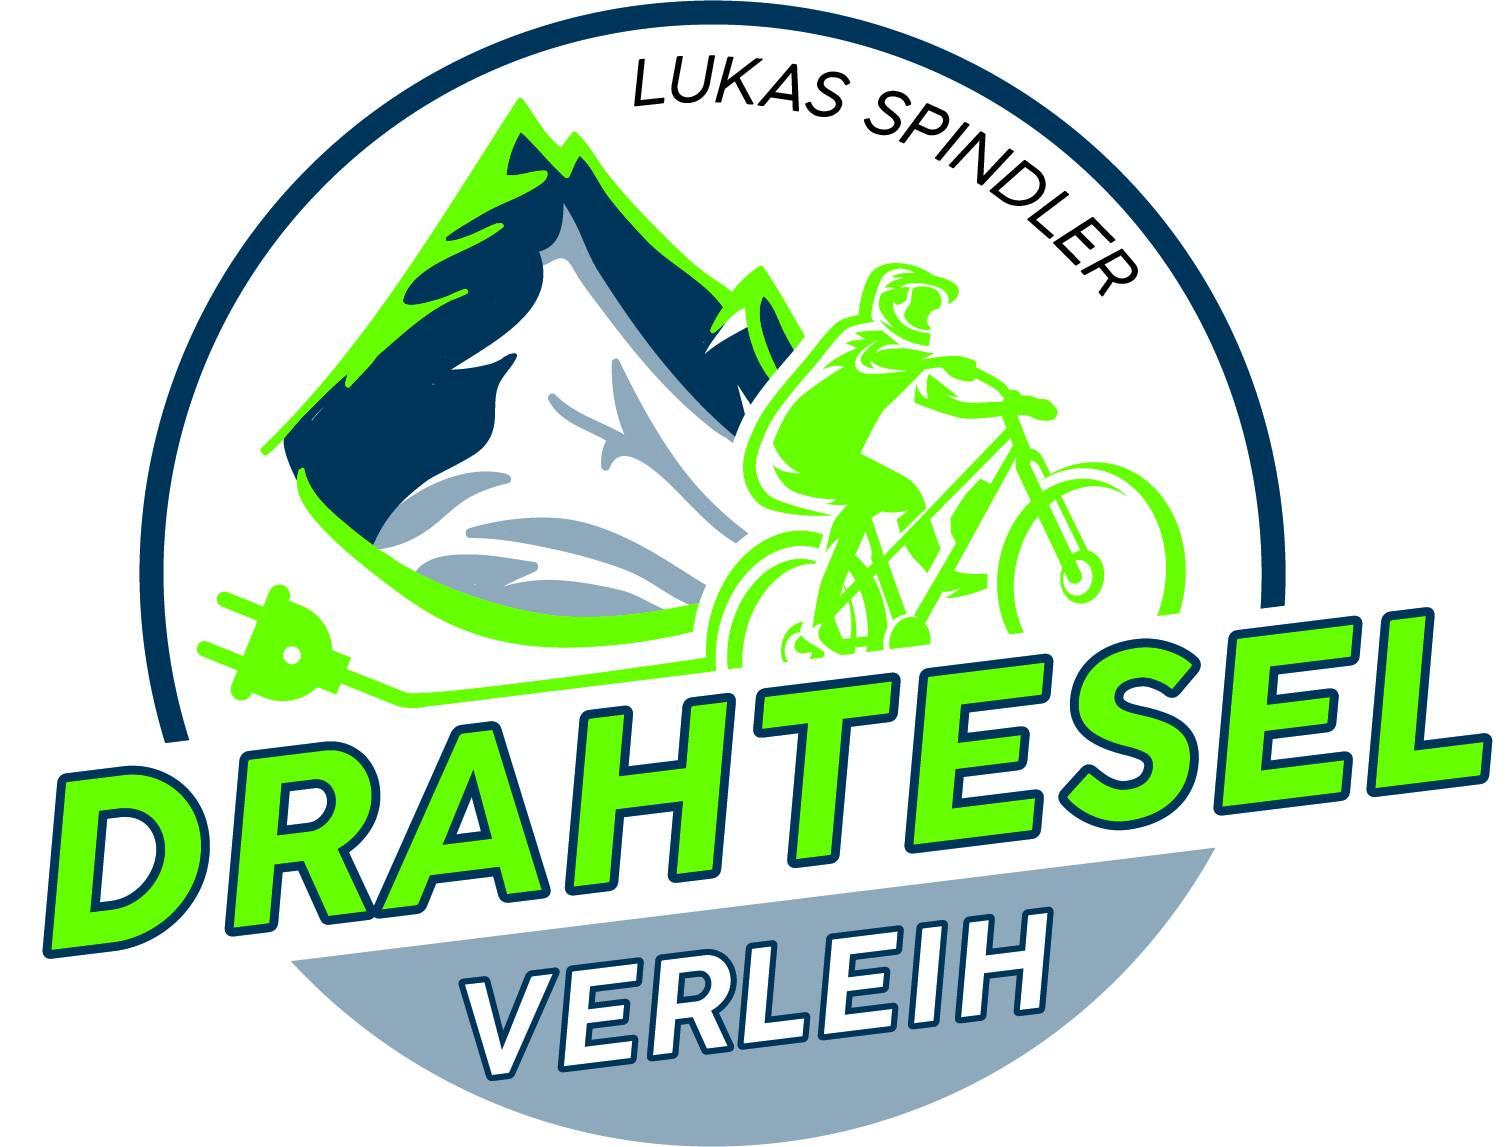 Drahtesel-Verleih Lukas Spindler